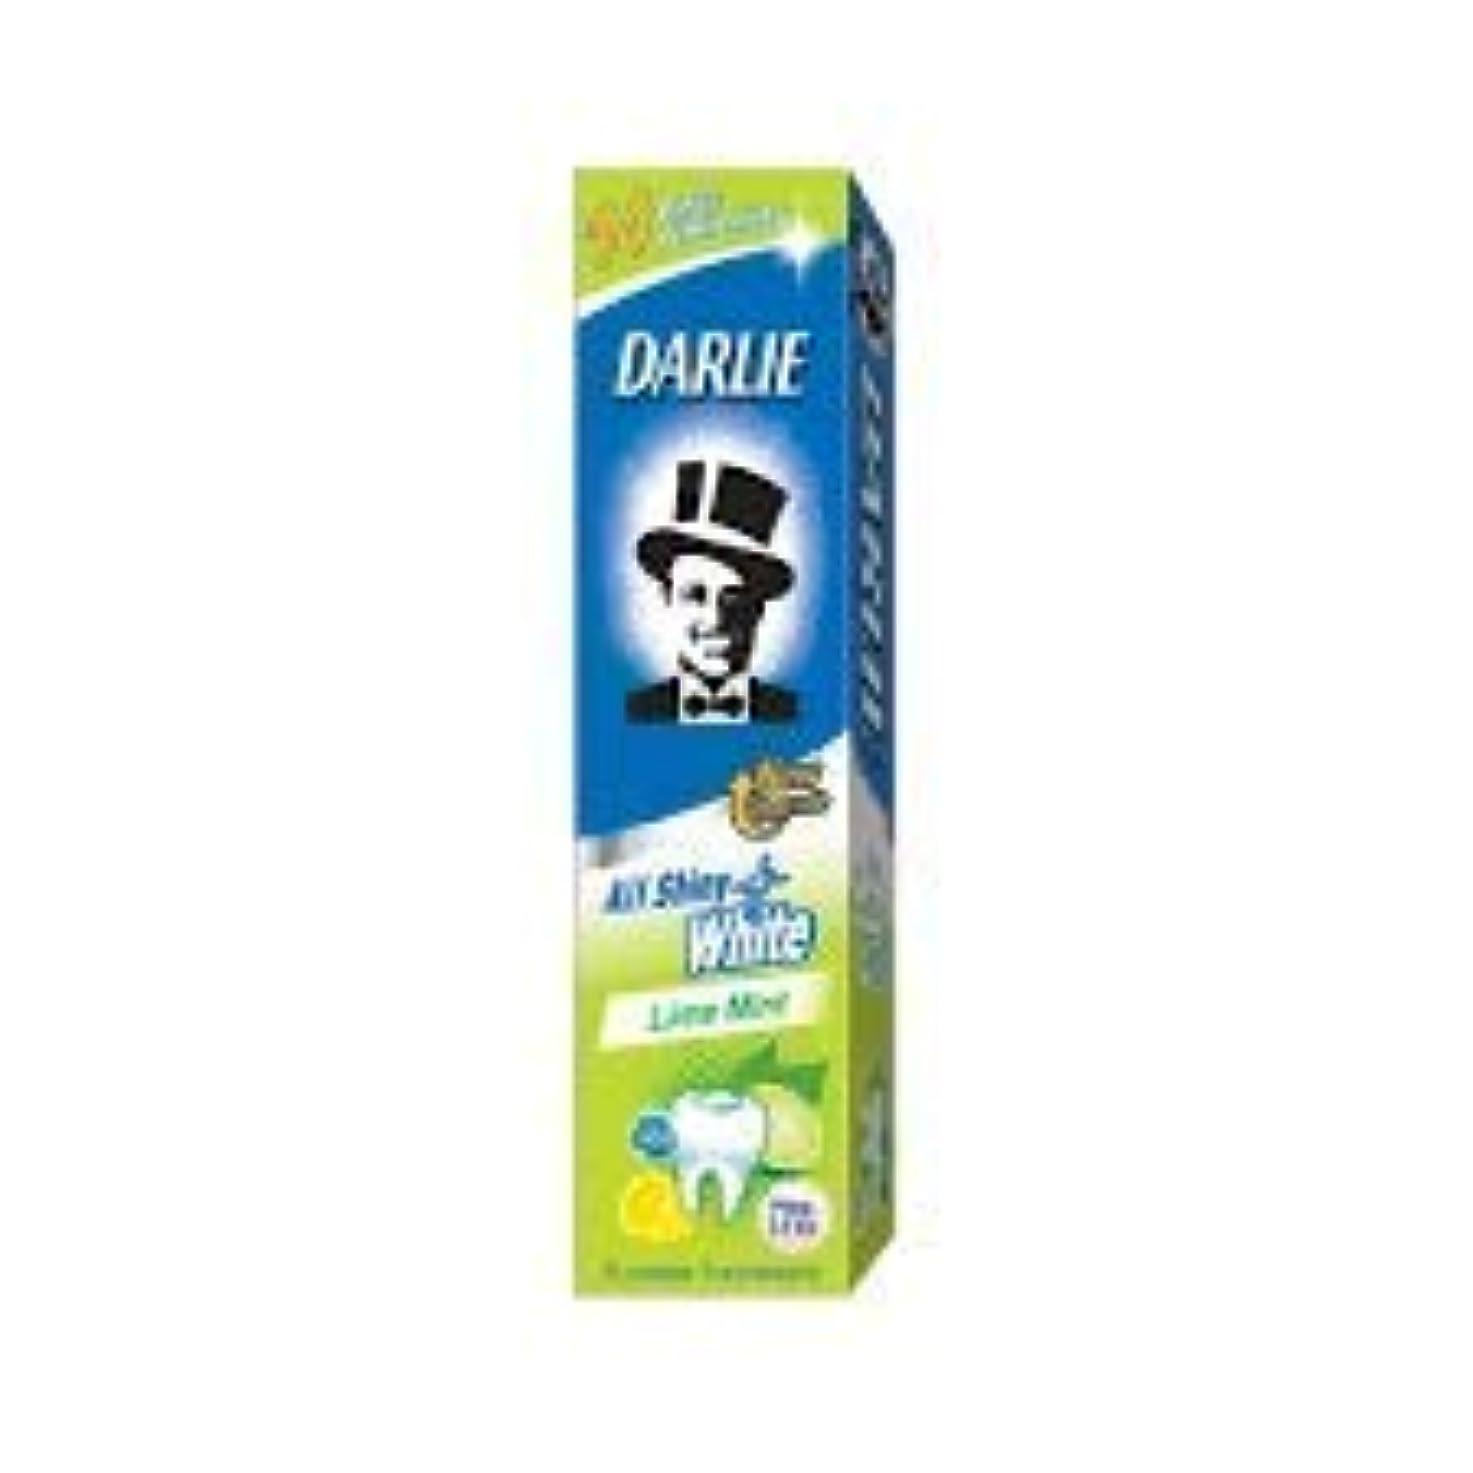 守るコール鳴らすDARLIE 歯磨き粉すべての光沢のあるホワイトライムミント140g - 虫歯と戦い、歯を保護するフッ化物を含みます